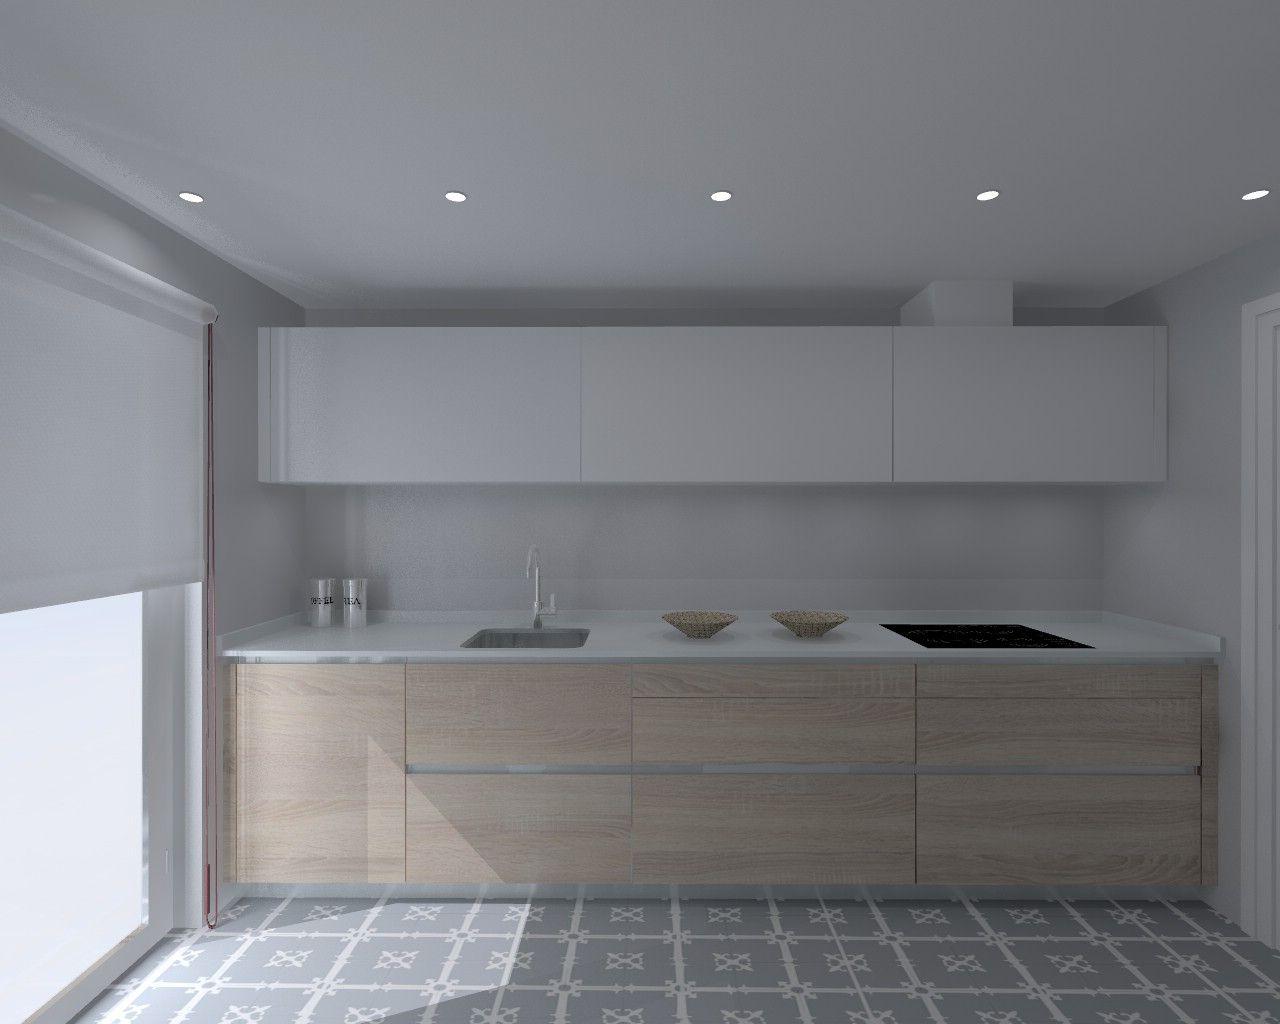 Proyectos de cocina en madrid cocina kitchen ii for Proyectos de cocina easy